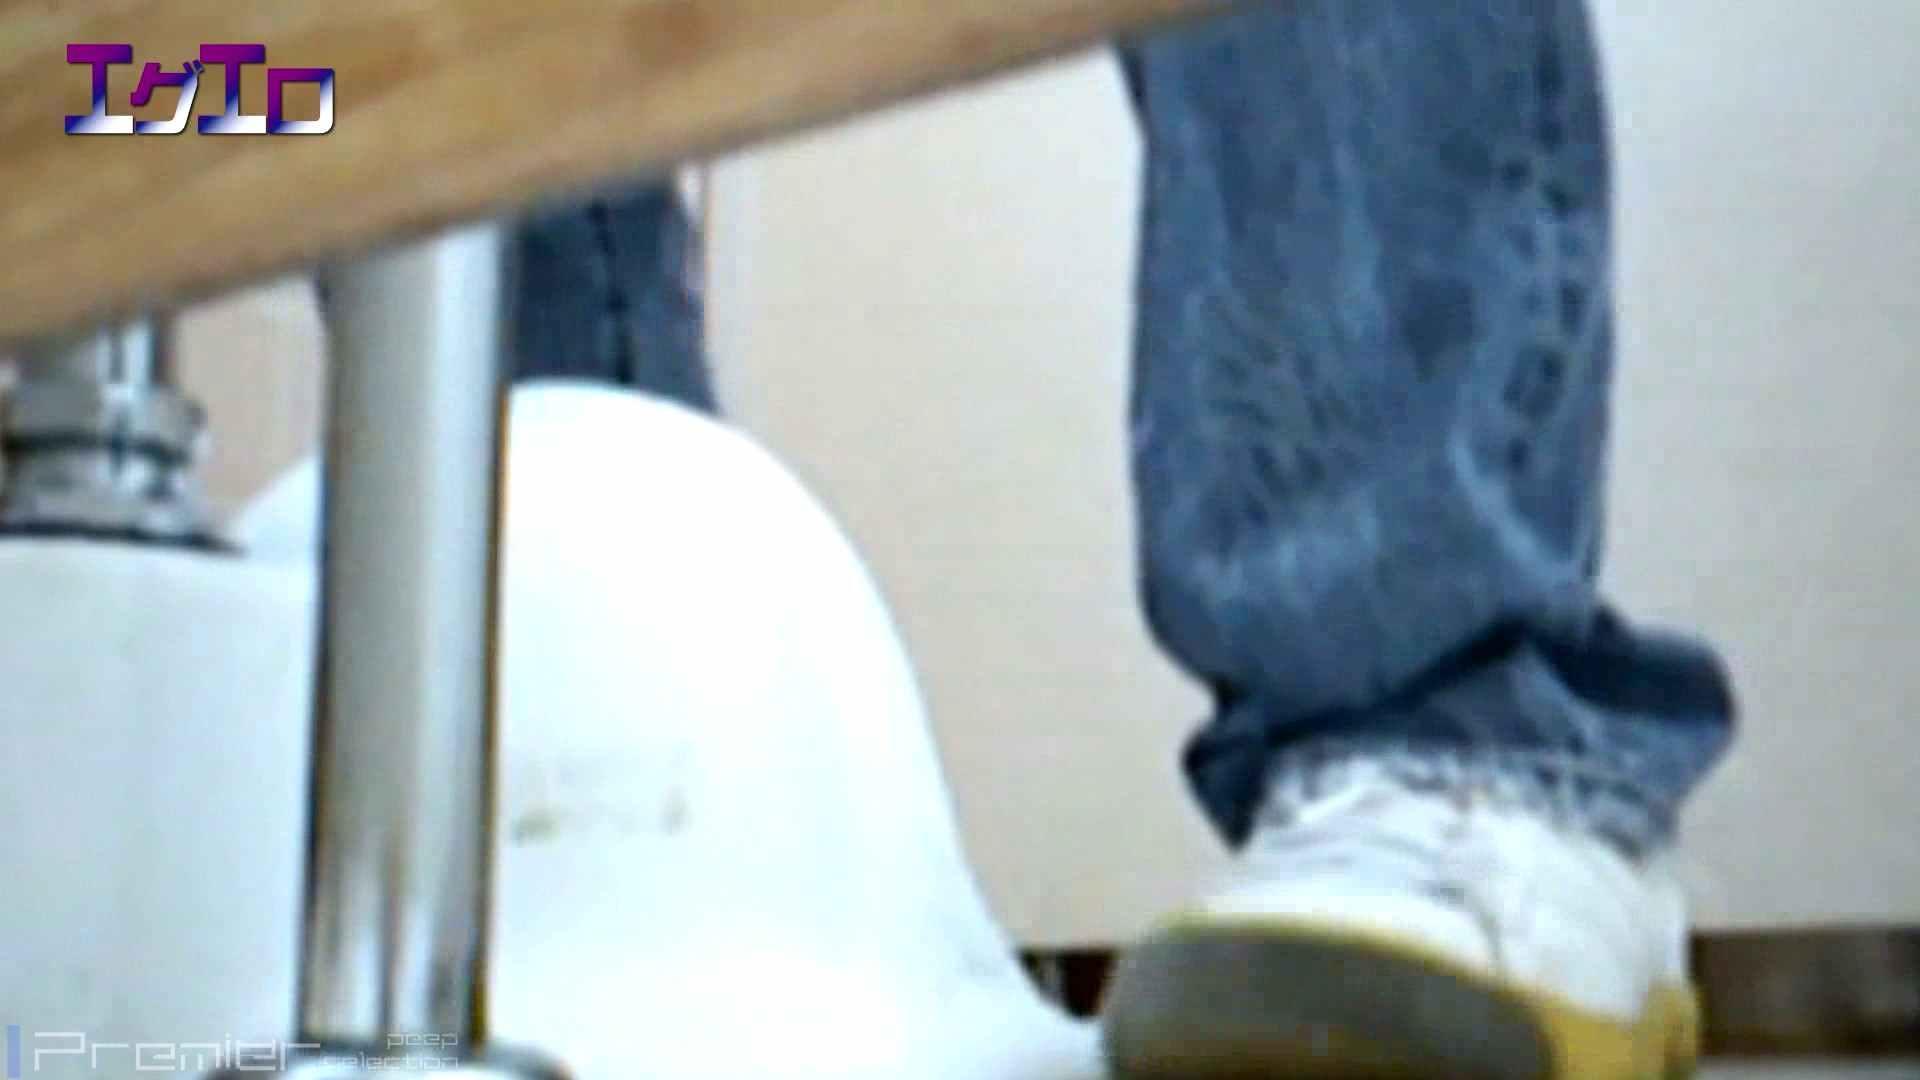 至近距離洗面所 Vol.10ブルージーンズギャルの大放nyo 萌えギャル オマンコ無修正動画無料 96連発 65